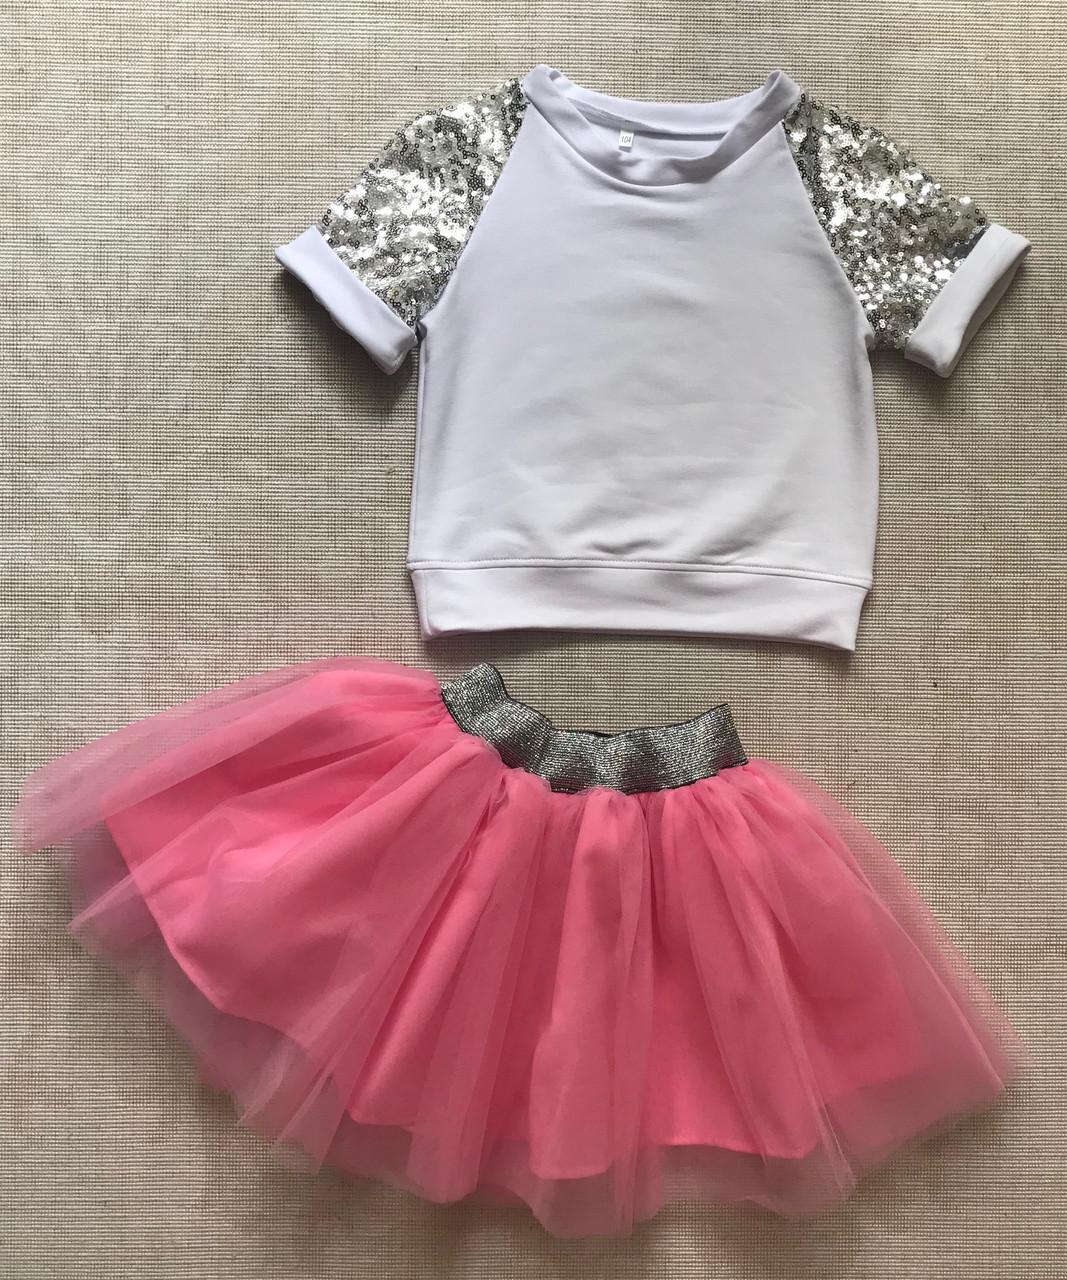 bff3291c096 Комплект футболка и юбка с фатином для девочки 3-6 лет  продажа ...